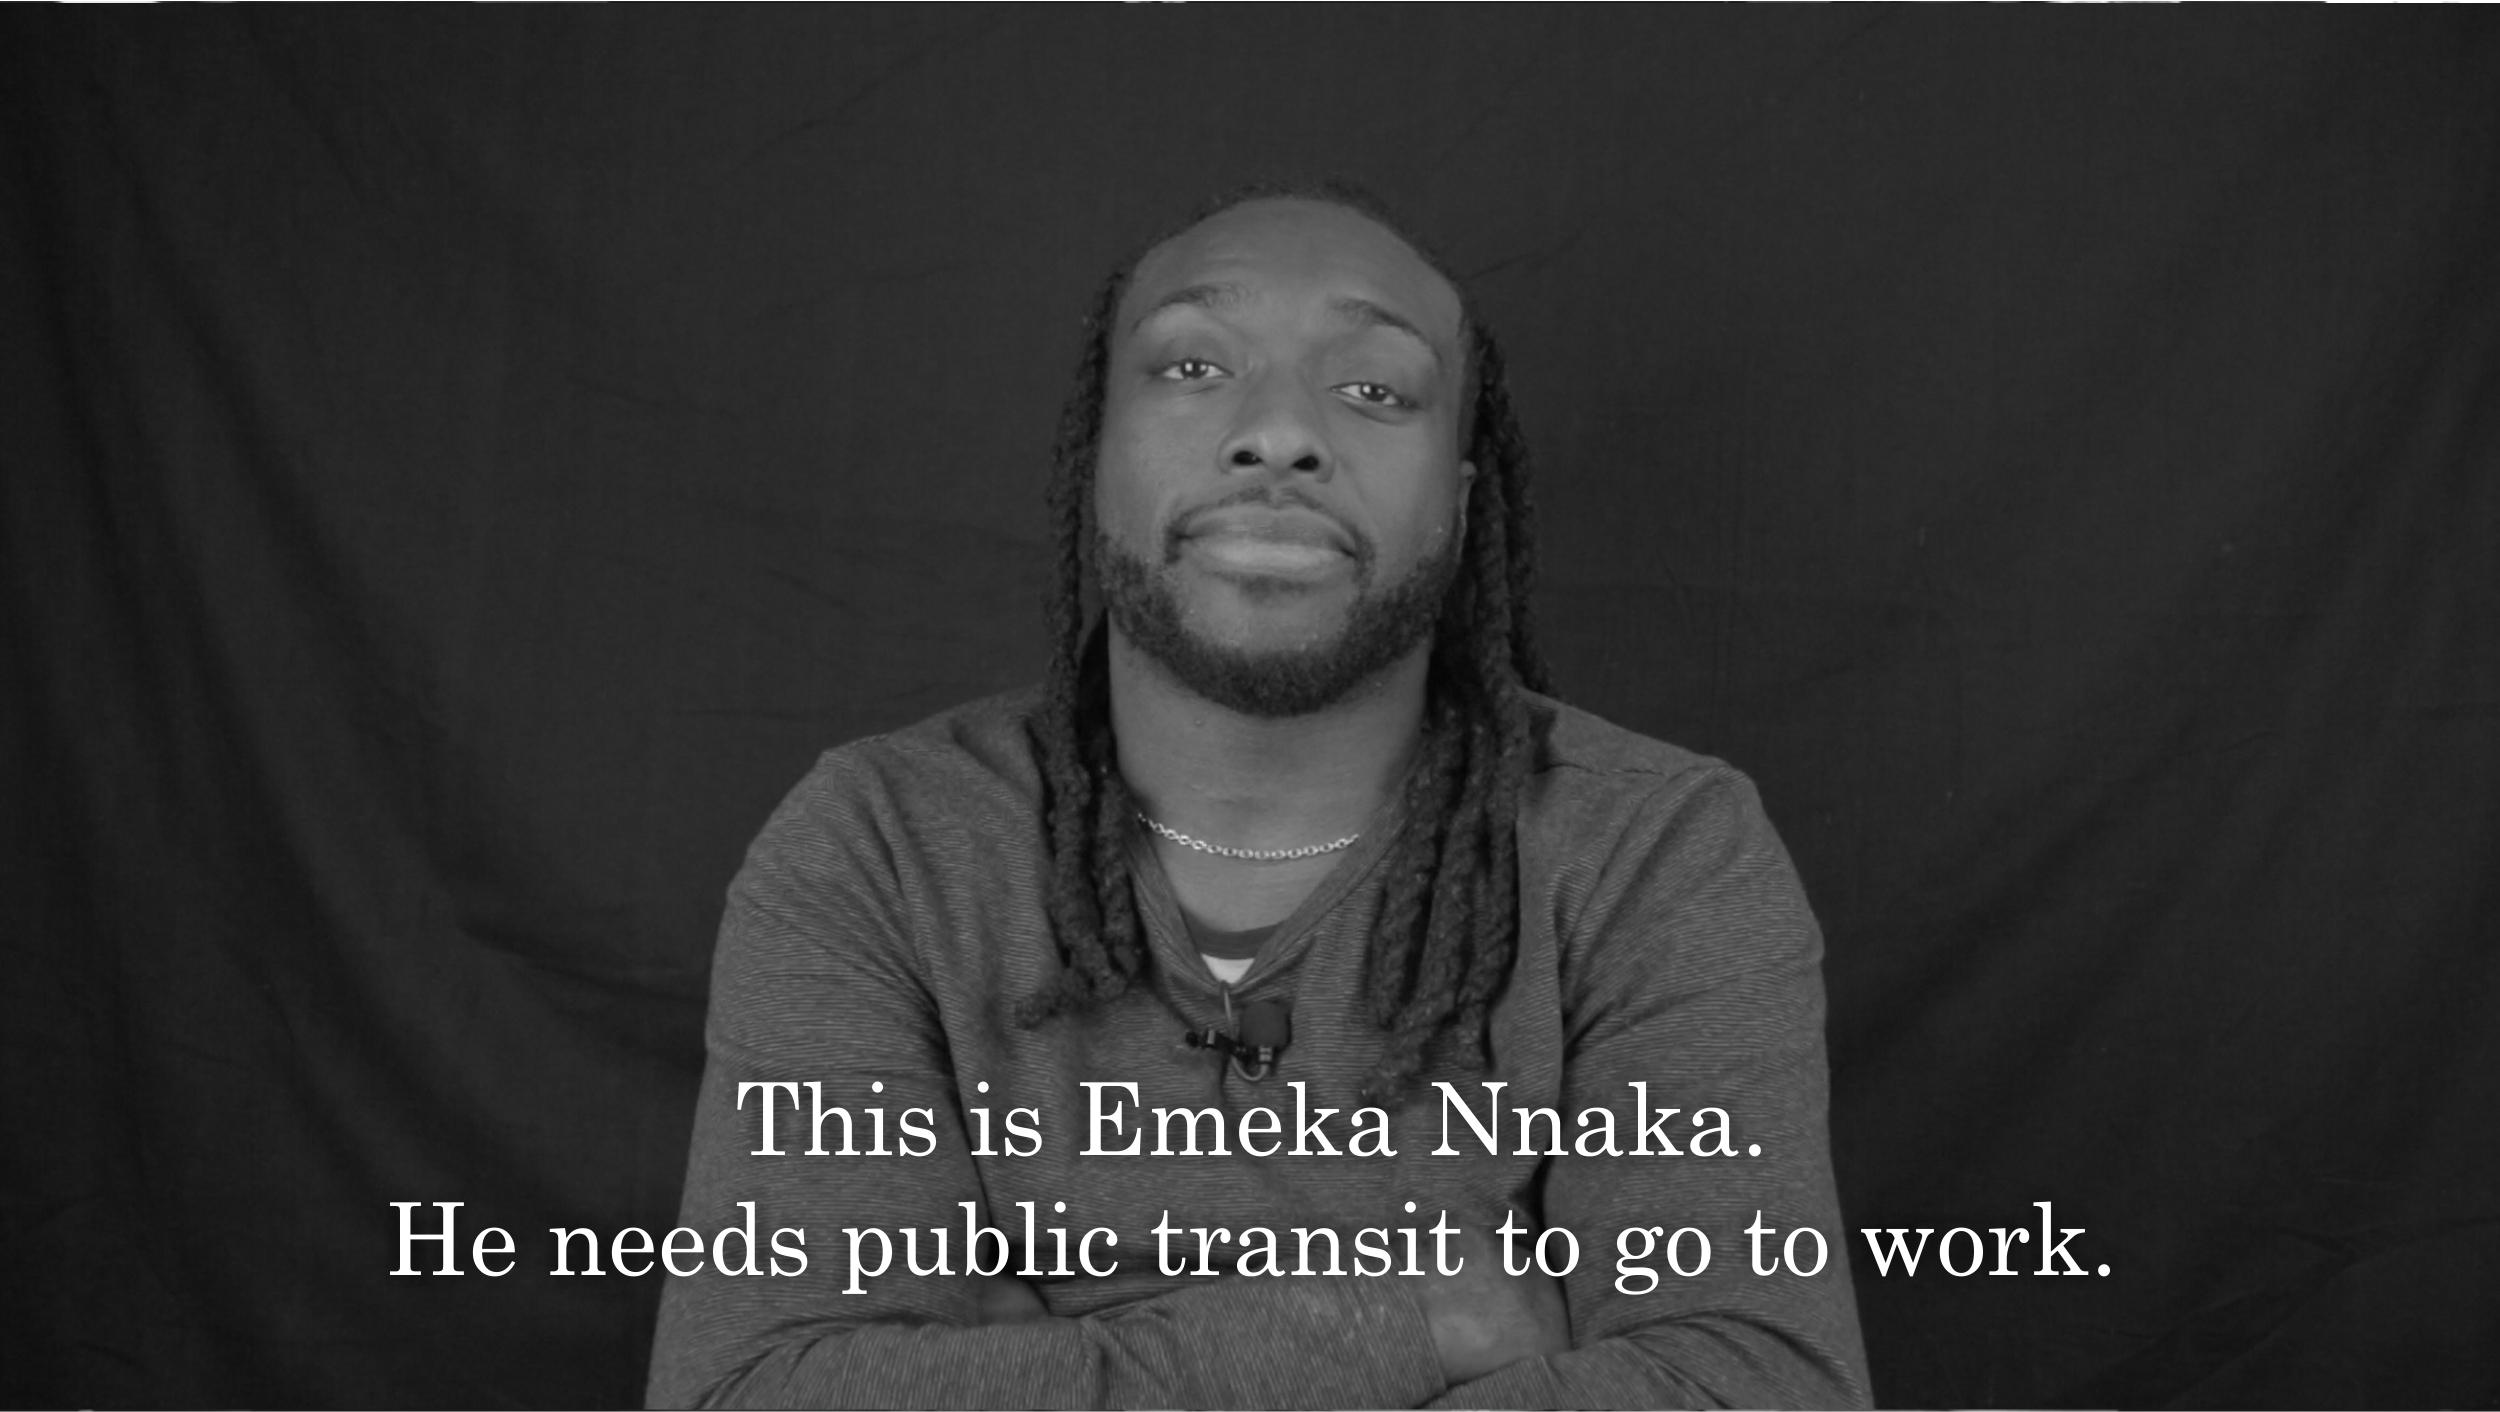 Emeka-Nnaka-grayscale 2.jpg